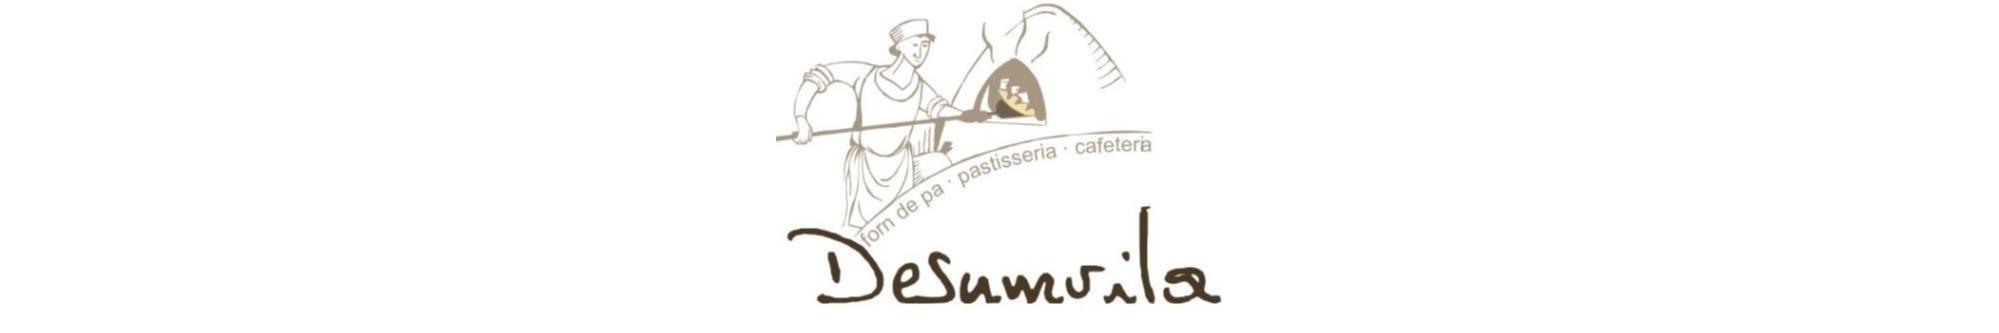 Forn Cafeteria Pastisseria